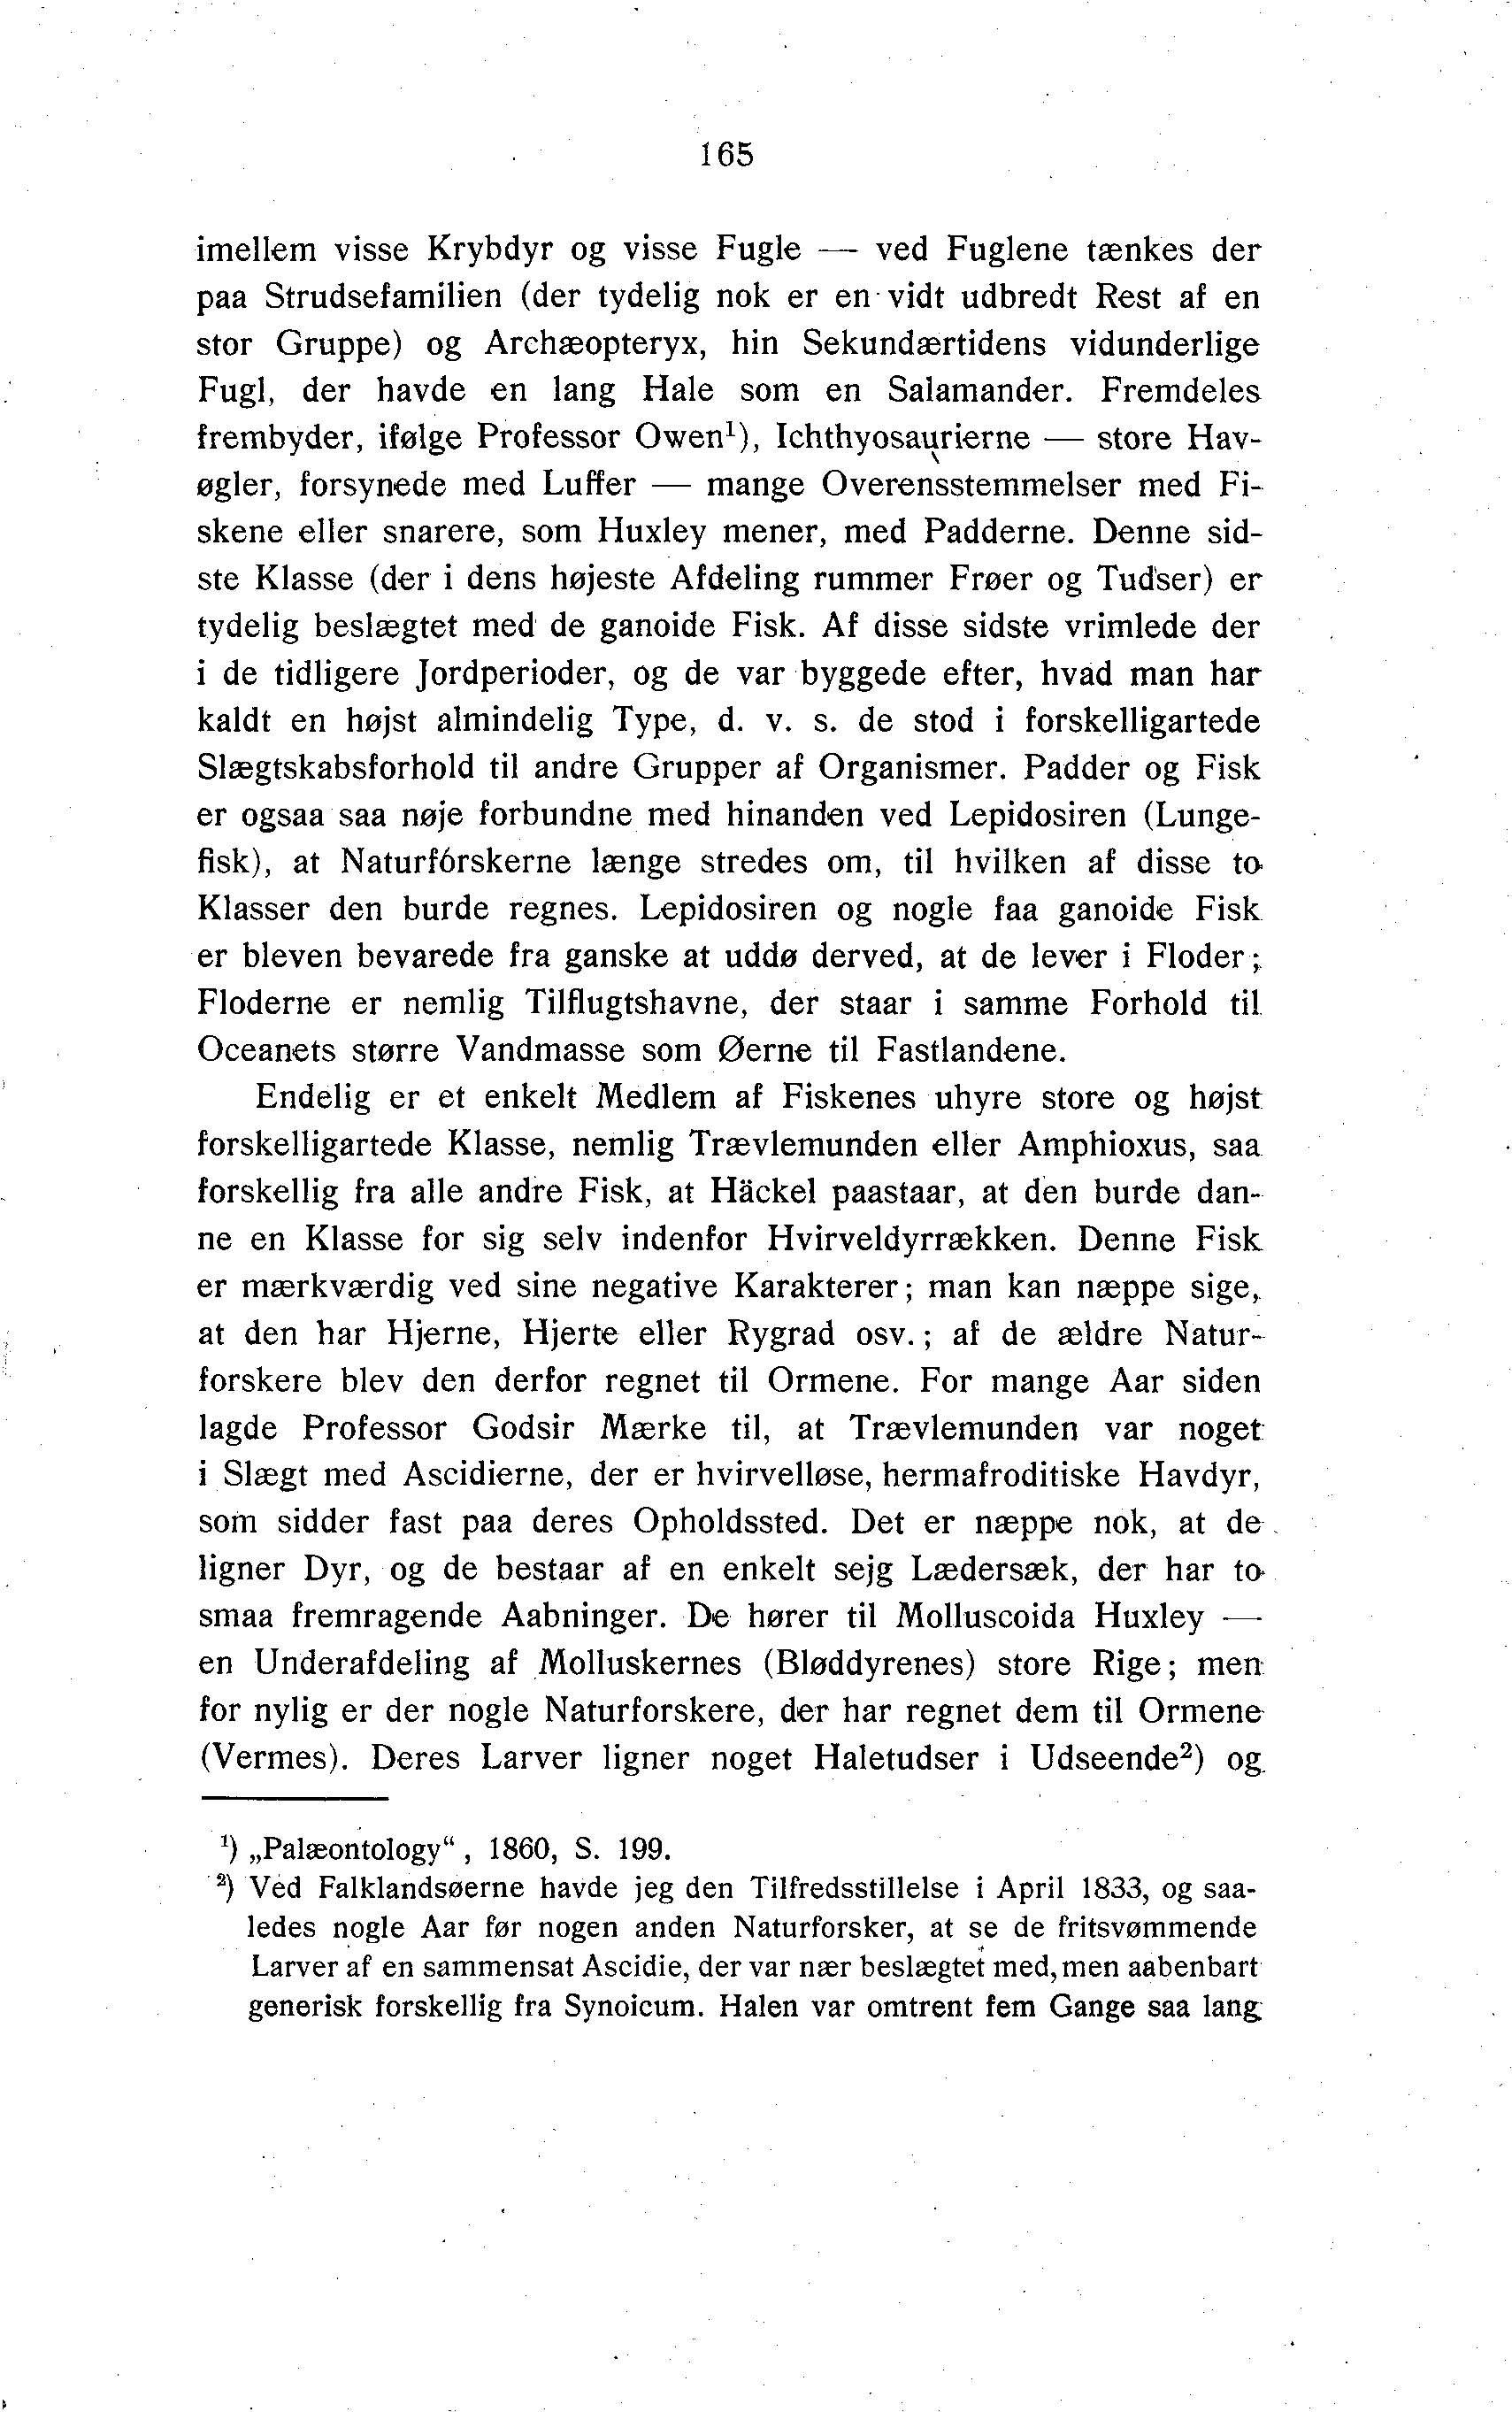 1922882b Darwin, C. R. 1913. Om Arternes Oprindelse ved Kvalitetsvalg eller ved de  heldigst stillede Formers Sejr i Kampen for Tilvaerelsen.